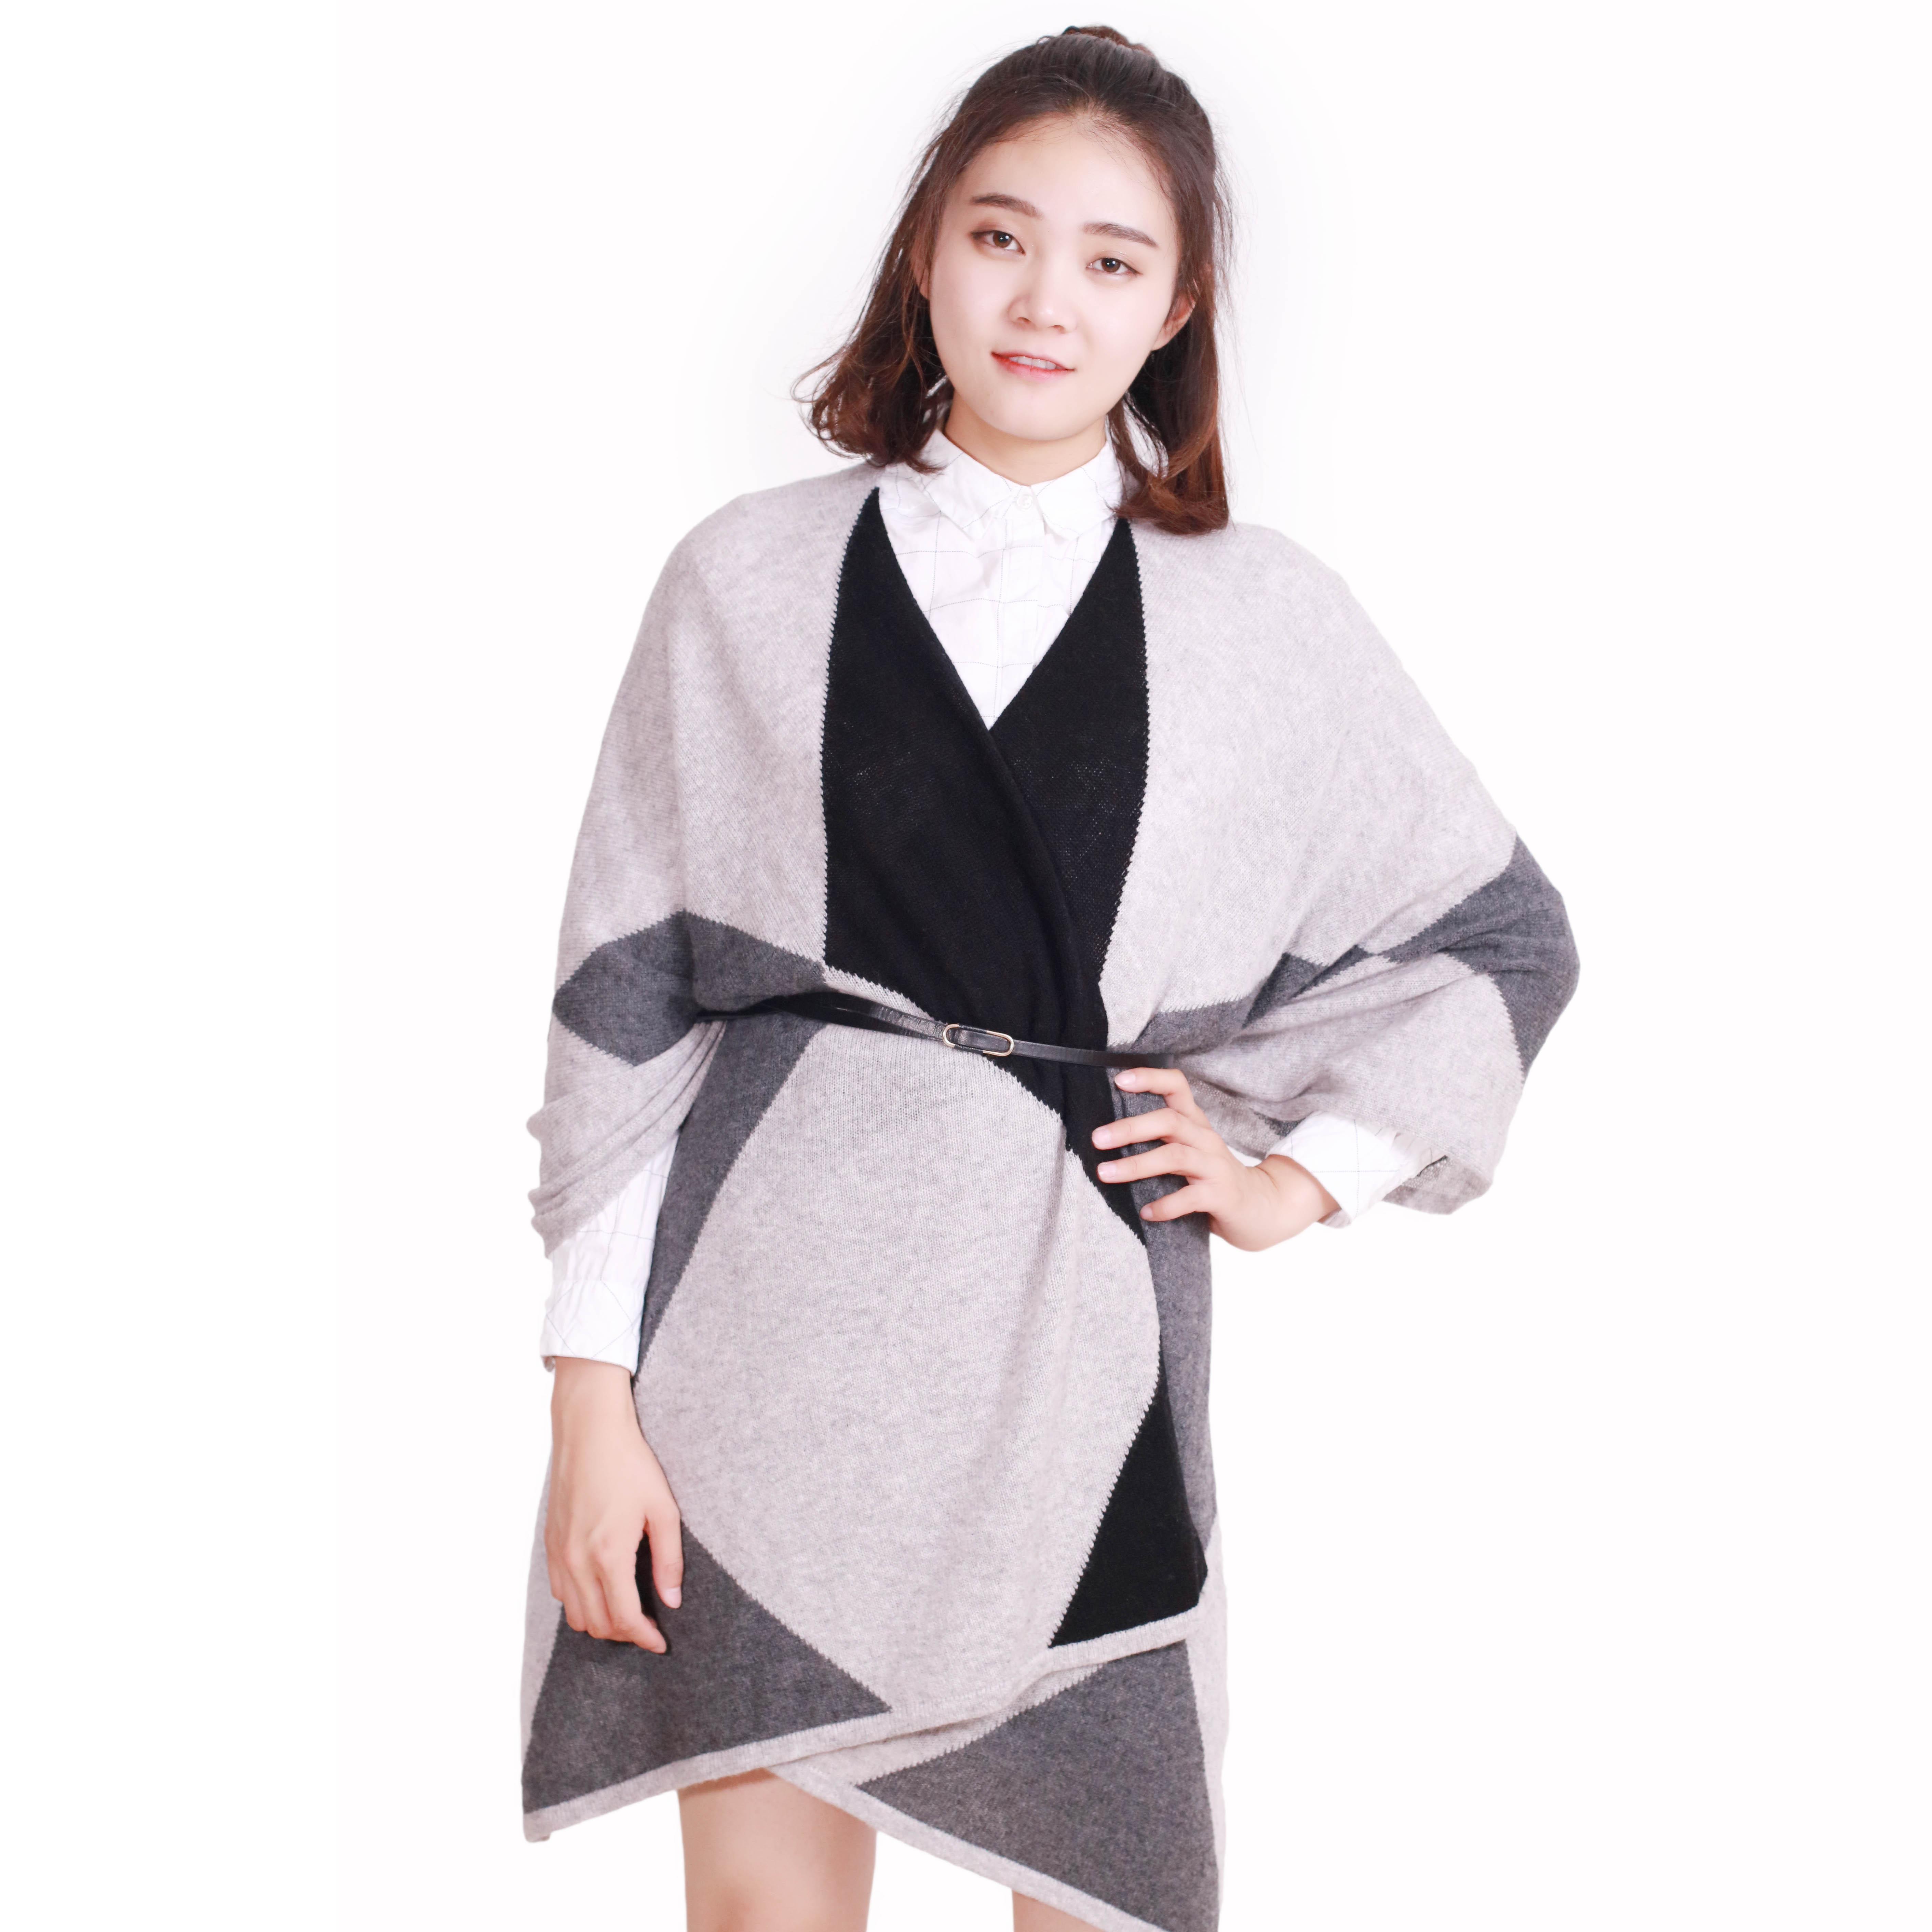 冠鑫新品披肩围巾两用女秋冬冬季中长款羊绒百搭保暖披风外套